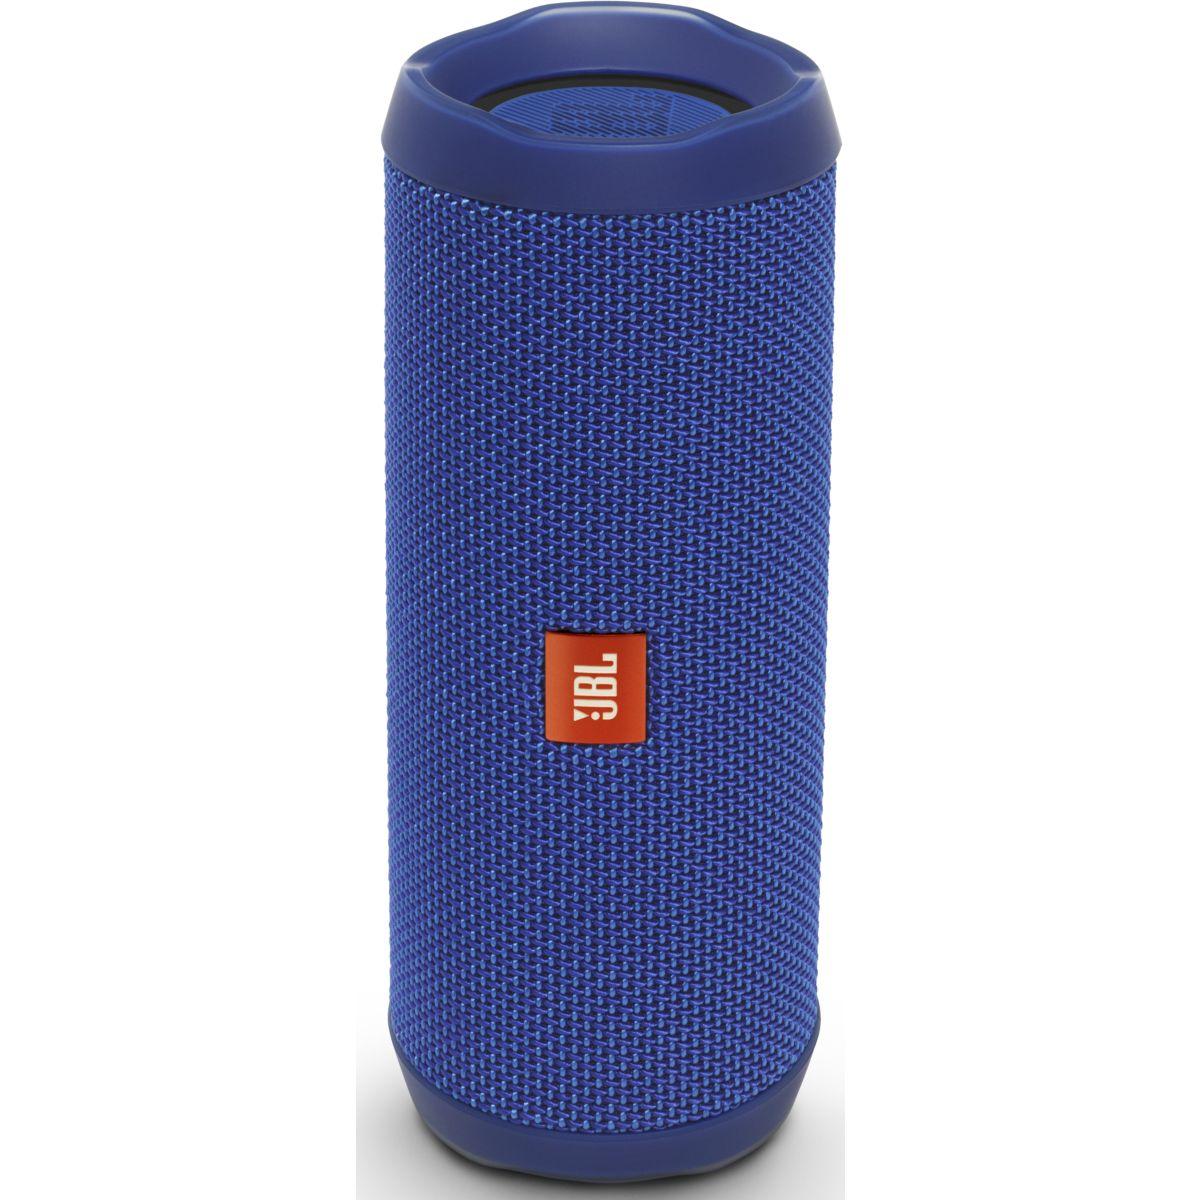 Enceinte JBL Flip 4 bleu